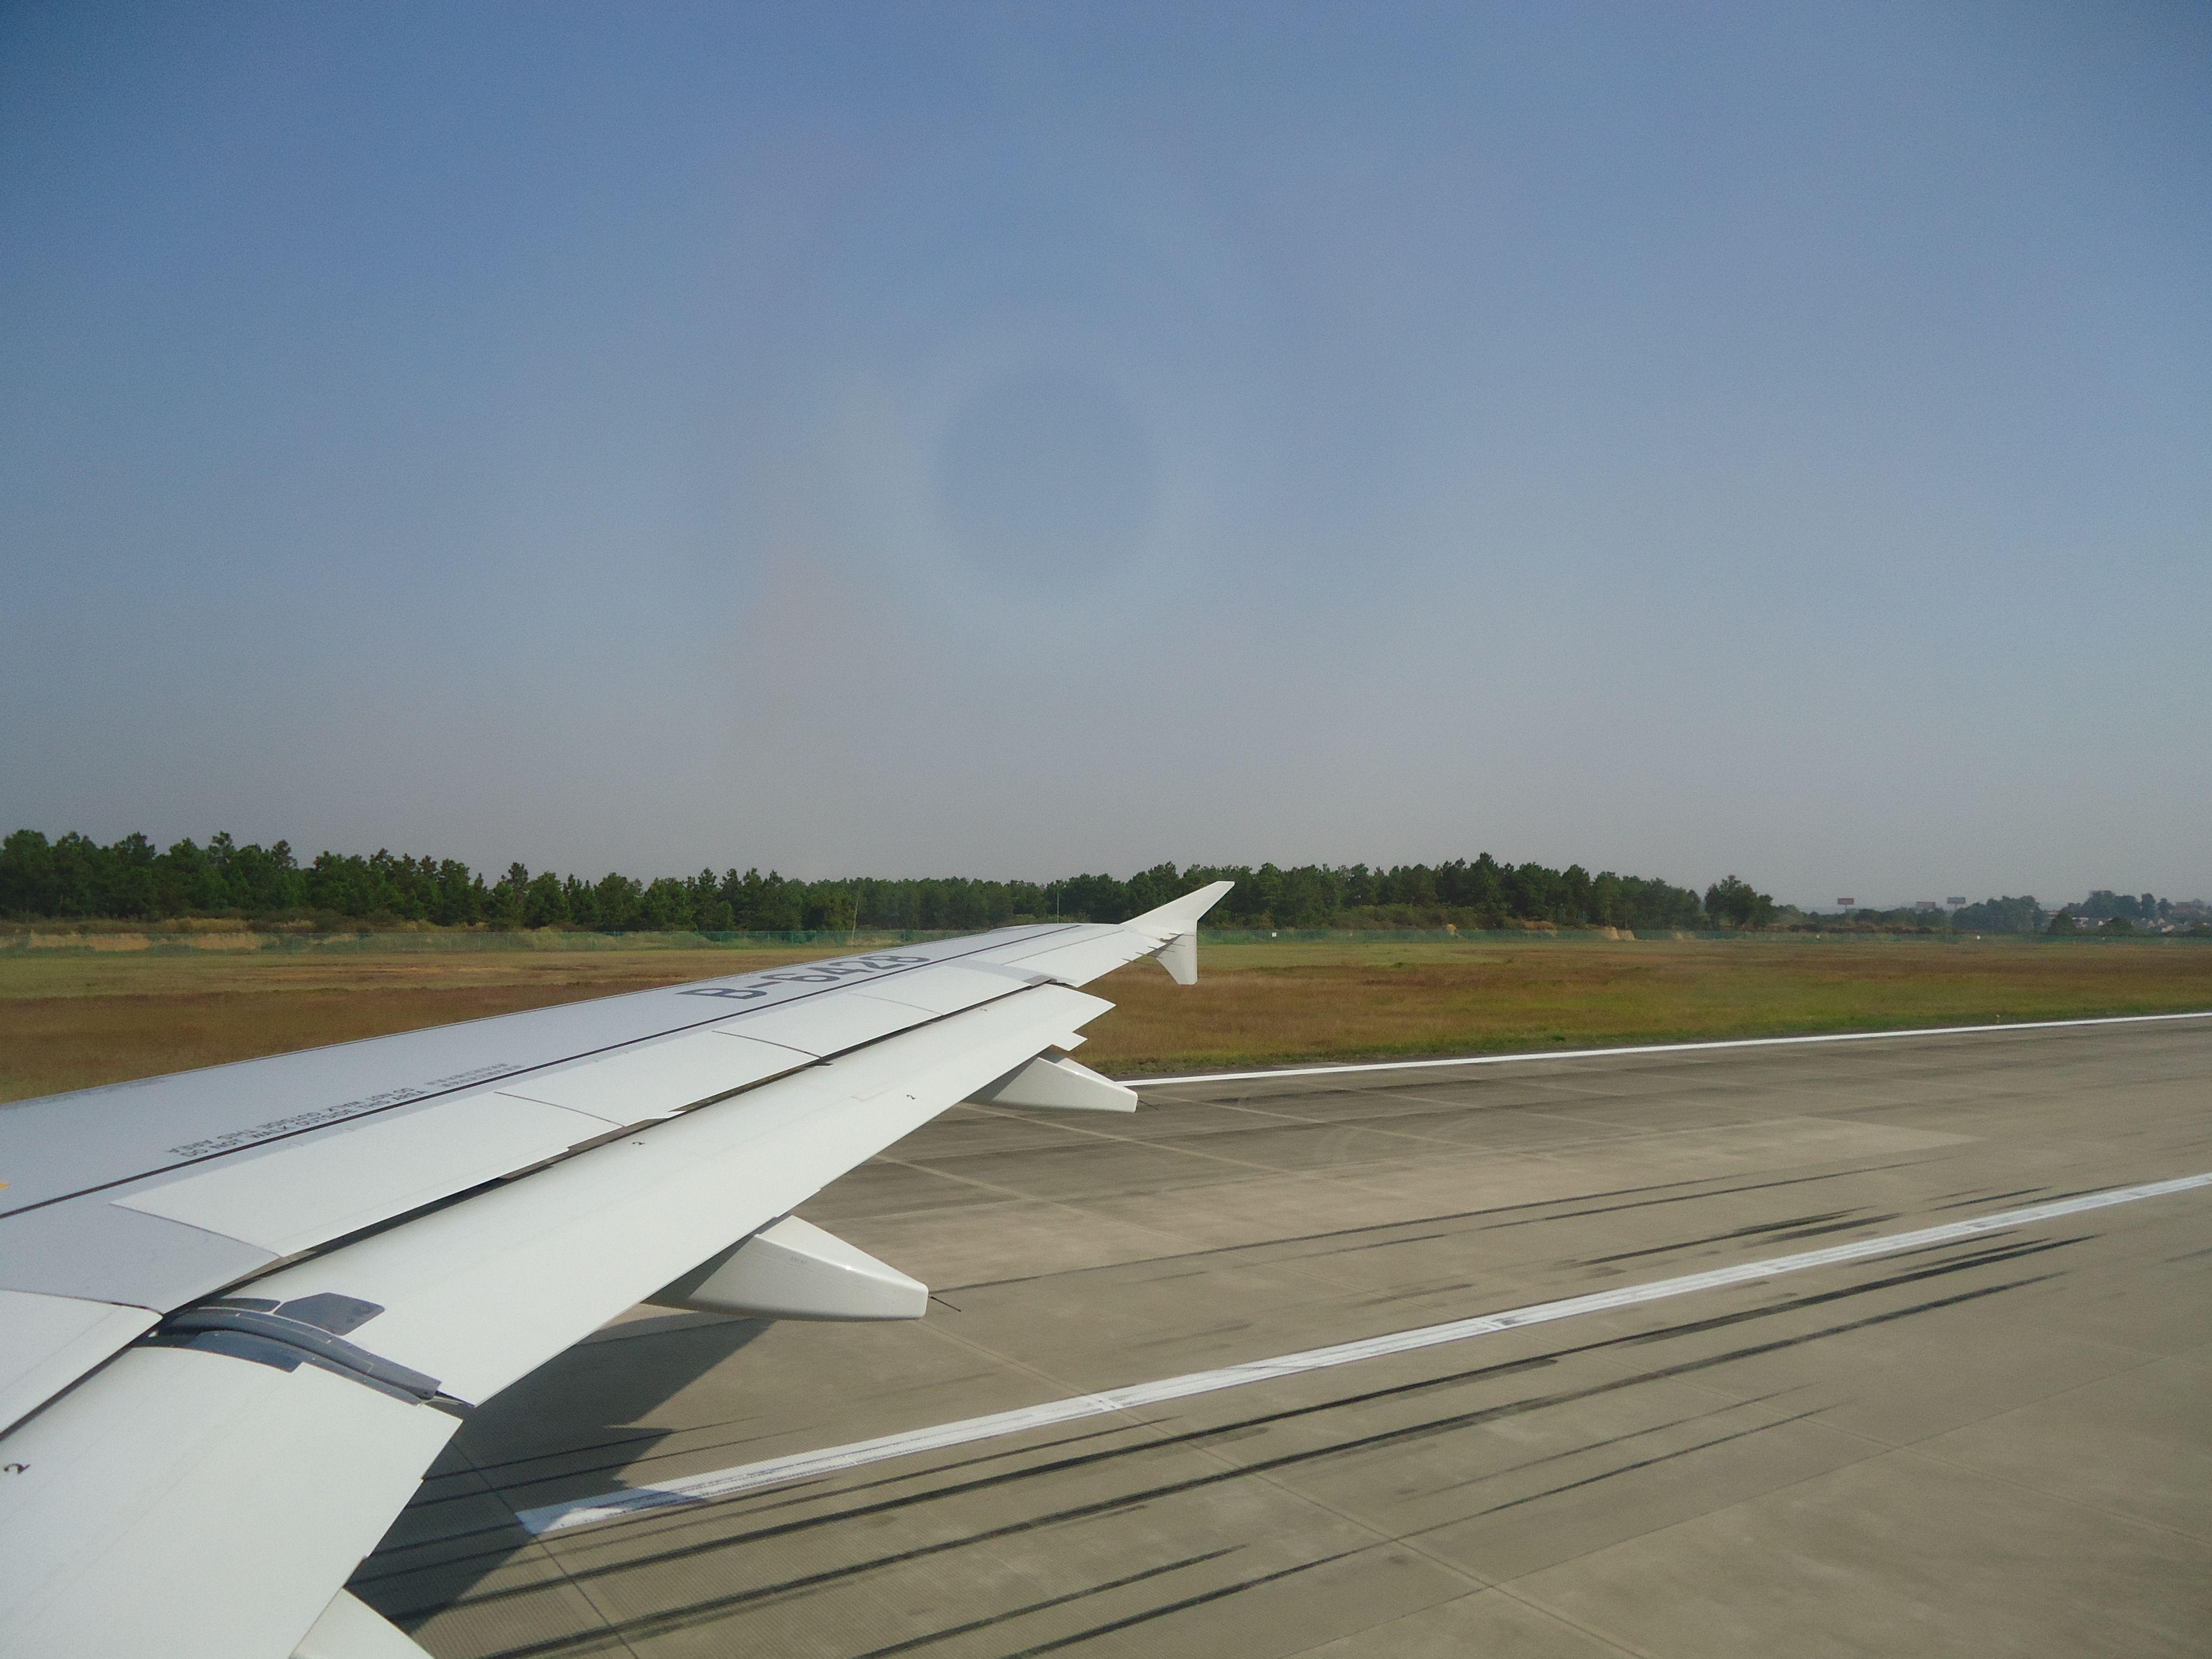 飞机起飞降落视频_飞机起飞的视频_百度知道